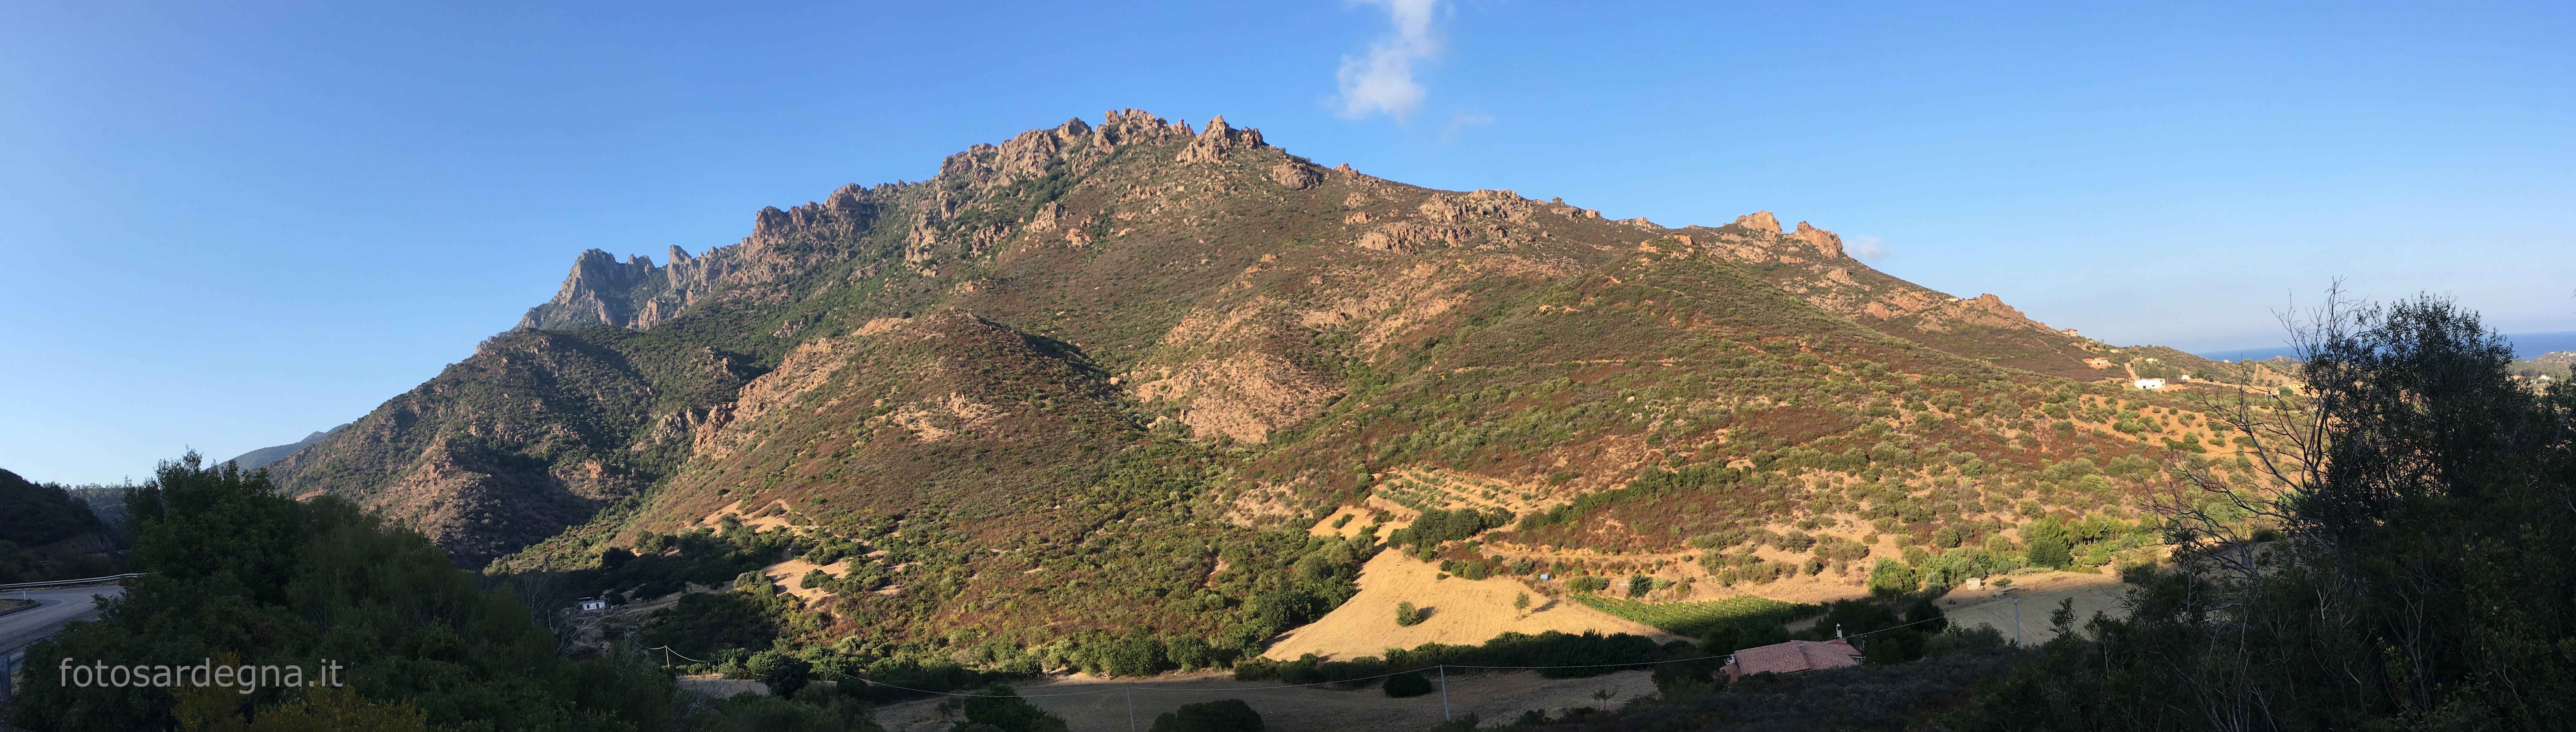 L'imponente complesso montuoso di Monte Ferru visto da sud.